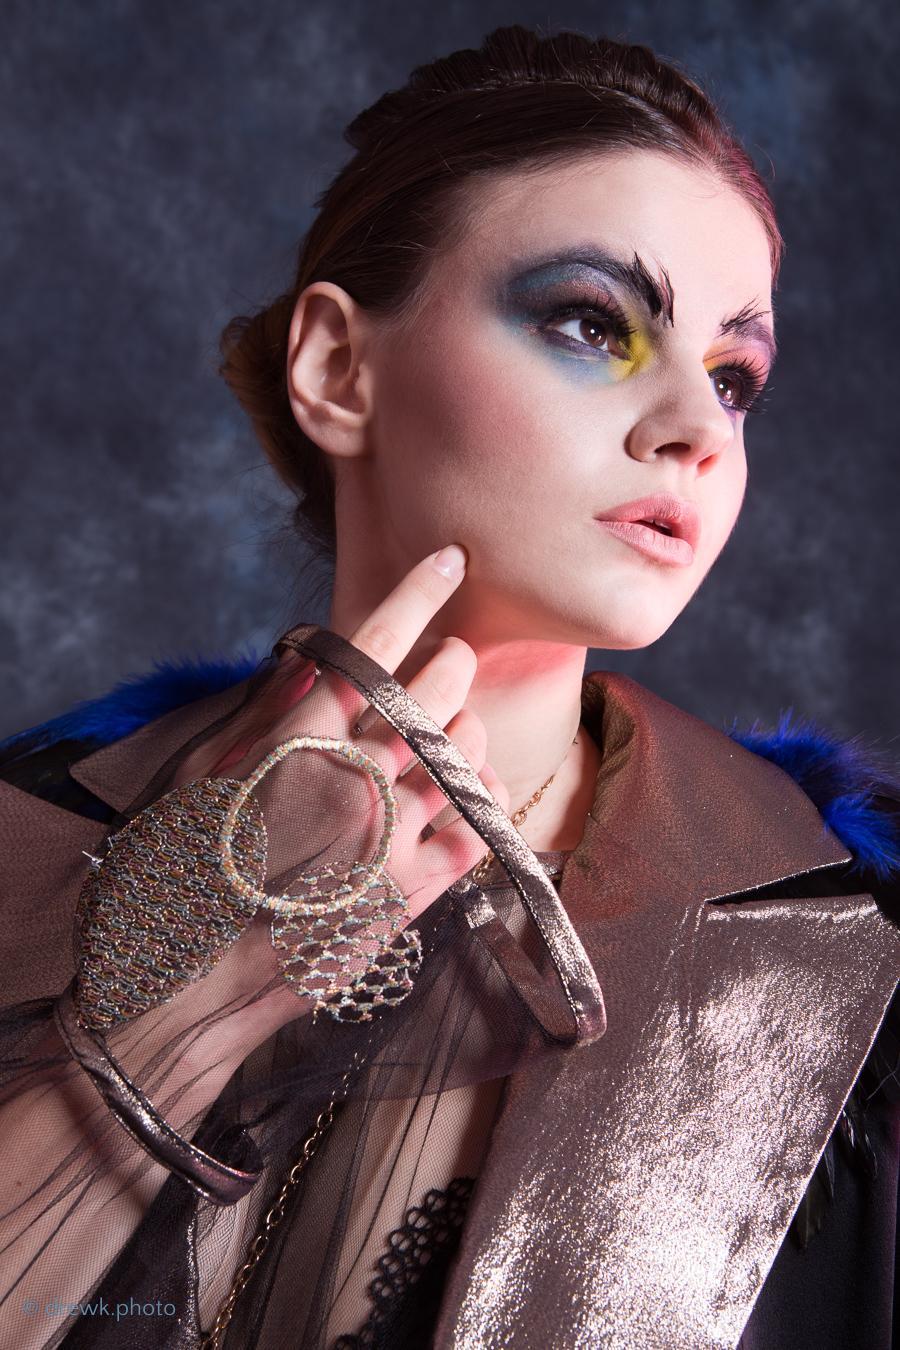 Simourgh Student fashion shoot for Nazira Muslem.<br /> Model : Dayana Tsvetkova<br /> MUA : Callelyne<br /> Hair : Sydnee-Beth Cross